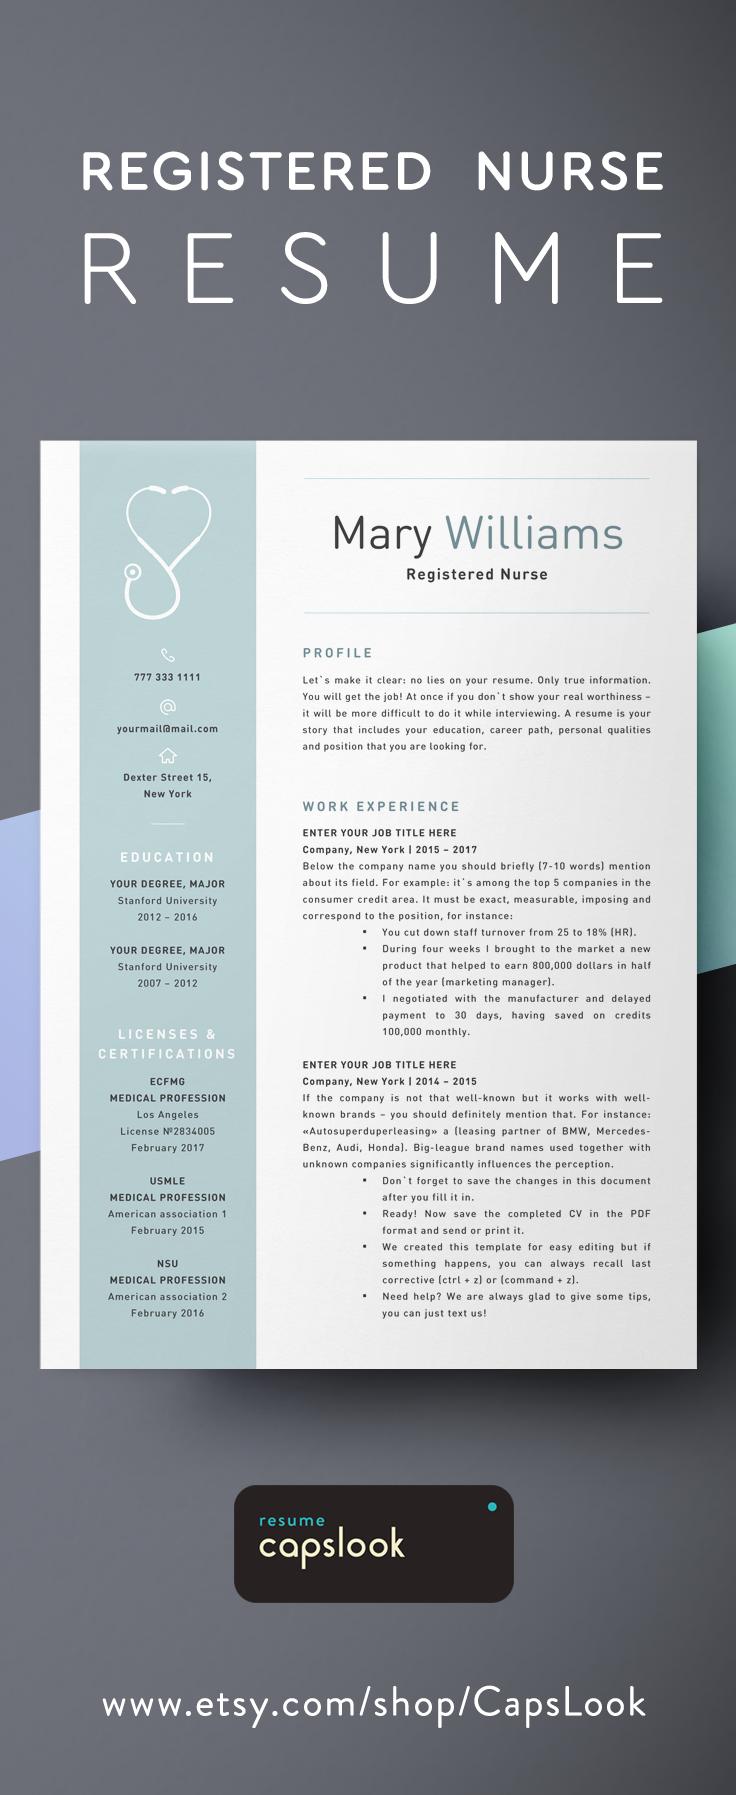 A La Recherche D Un Cv Pour Infirmiere Efficace Nous Vous Proposons Une Version Simple Efficace Et Vis Registered Nurse Resume Resume Skills Resume Examples